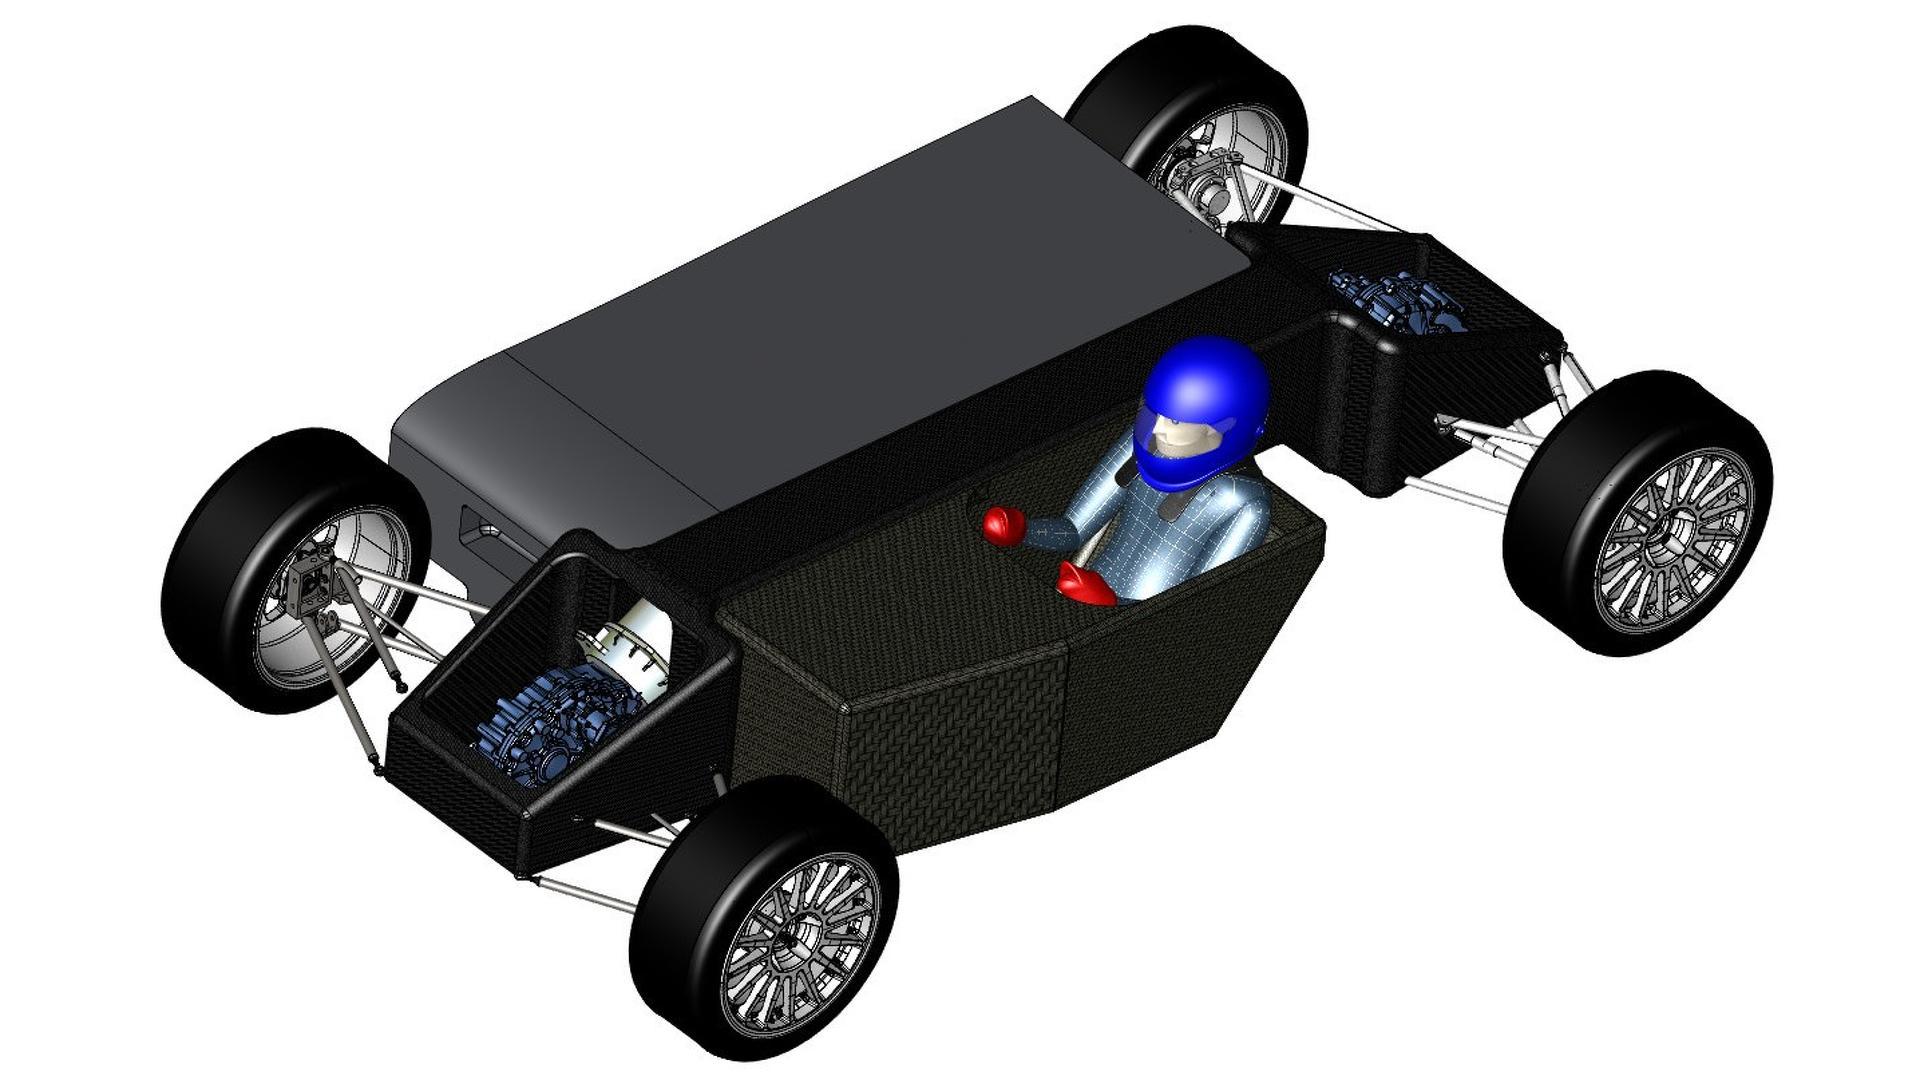 Panoz_GT-EV_racecar_11